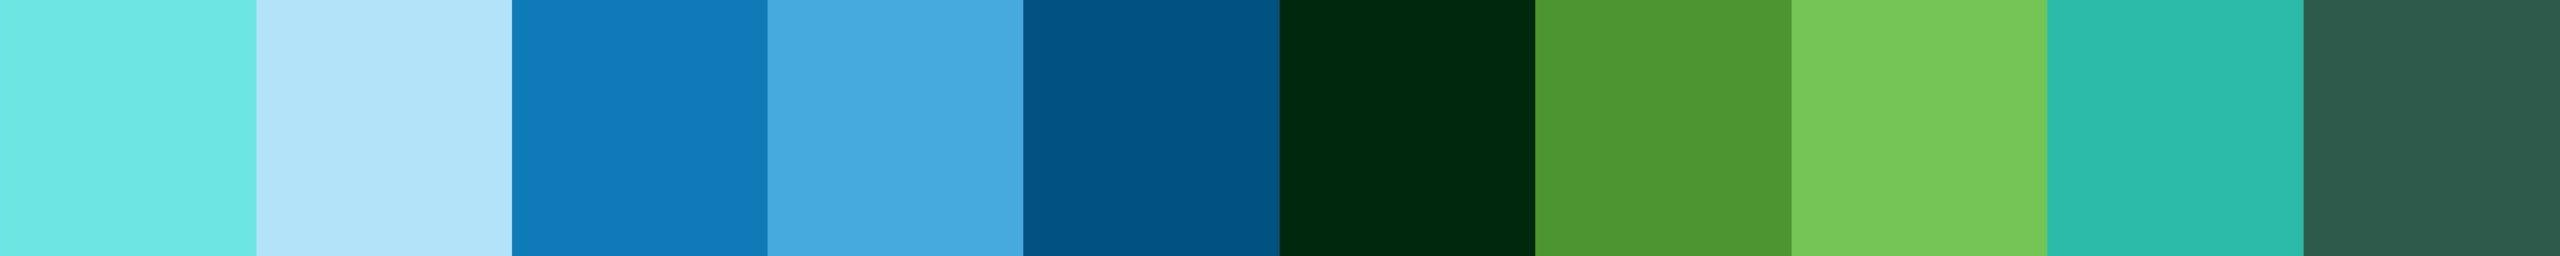 649 Orenda Color Palette